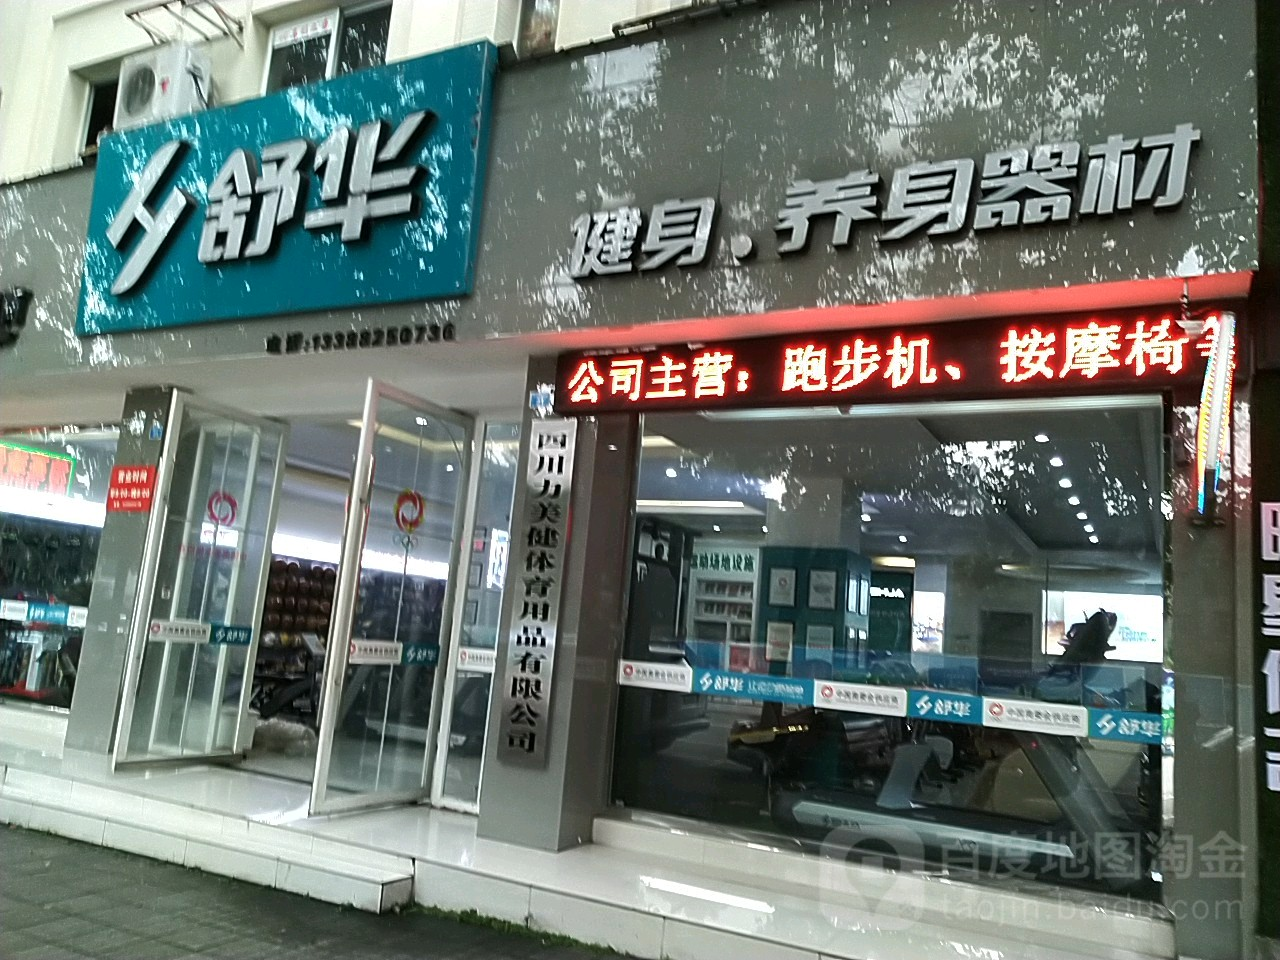 健身器材店_舒华健身器材专卖店(环湖东路一段)